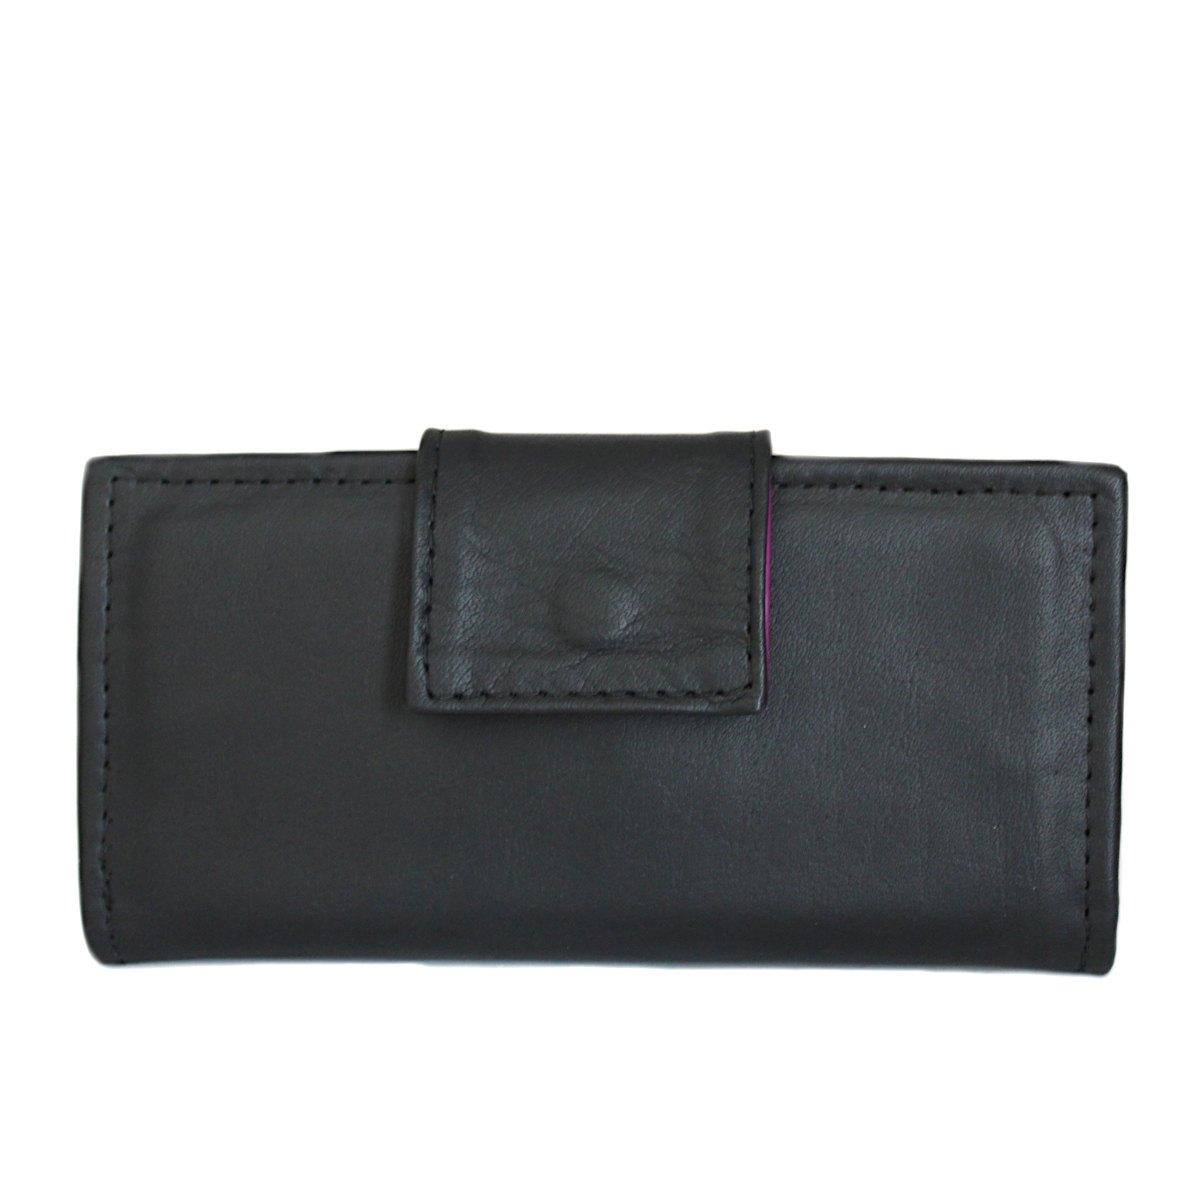 ръчно изработено черно дамско портмоне